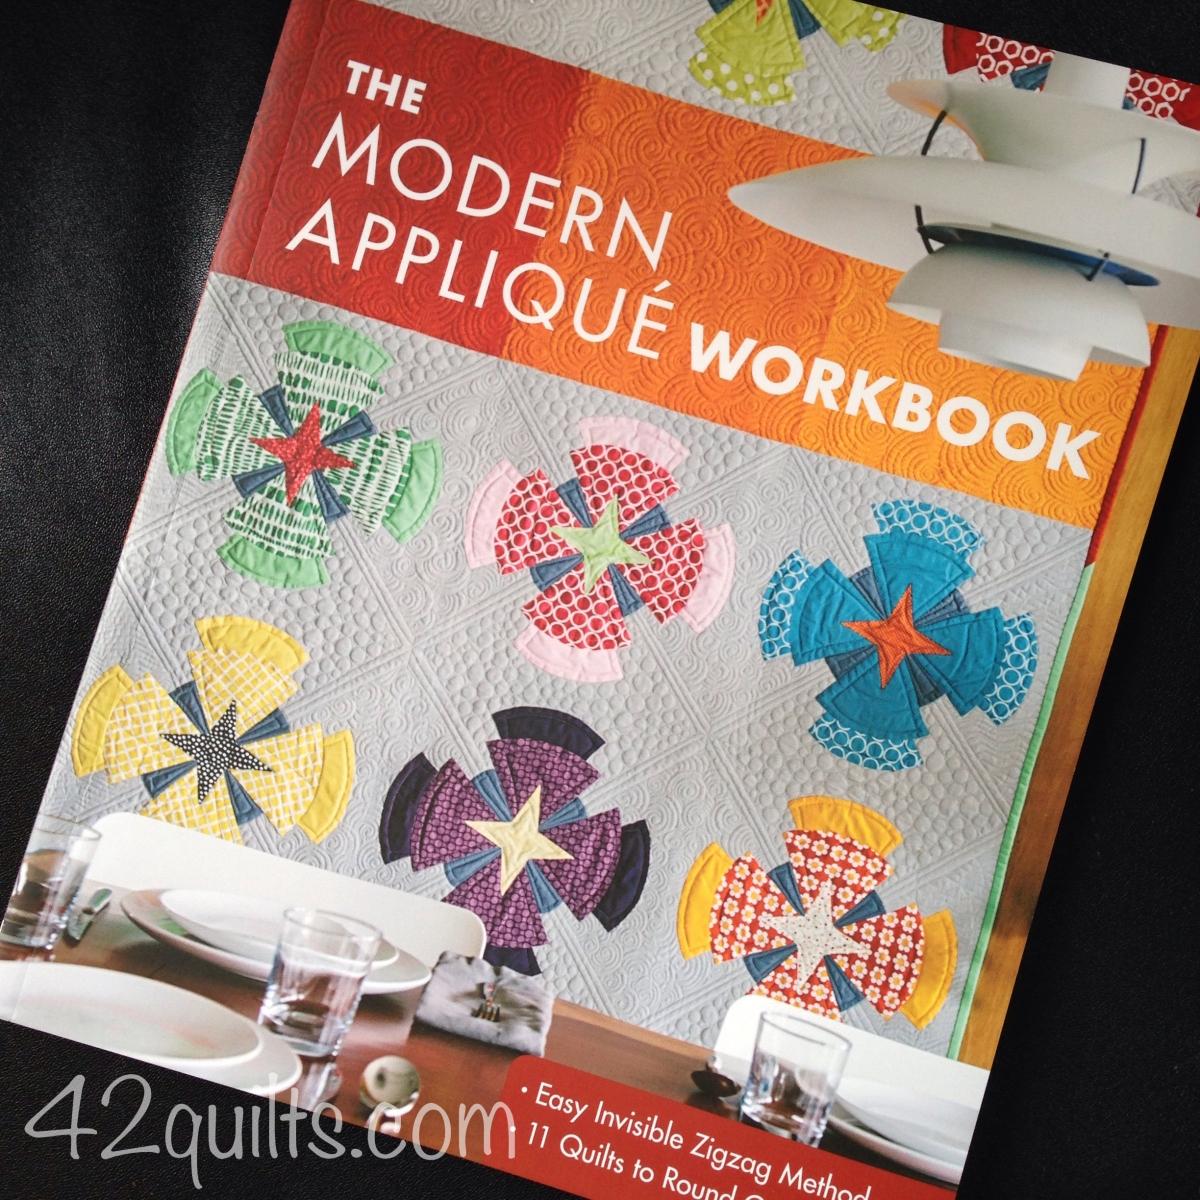 modern applique workbook blog tour. Black Bedroom Furniture Sets. Home Design Ideas